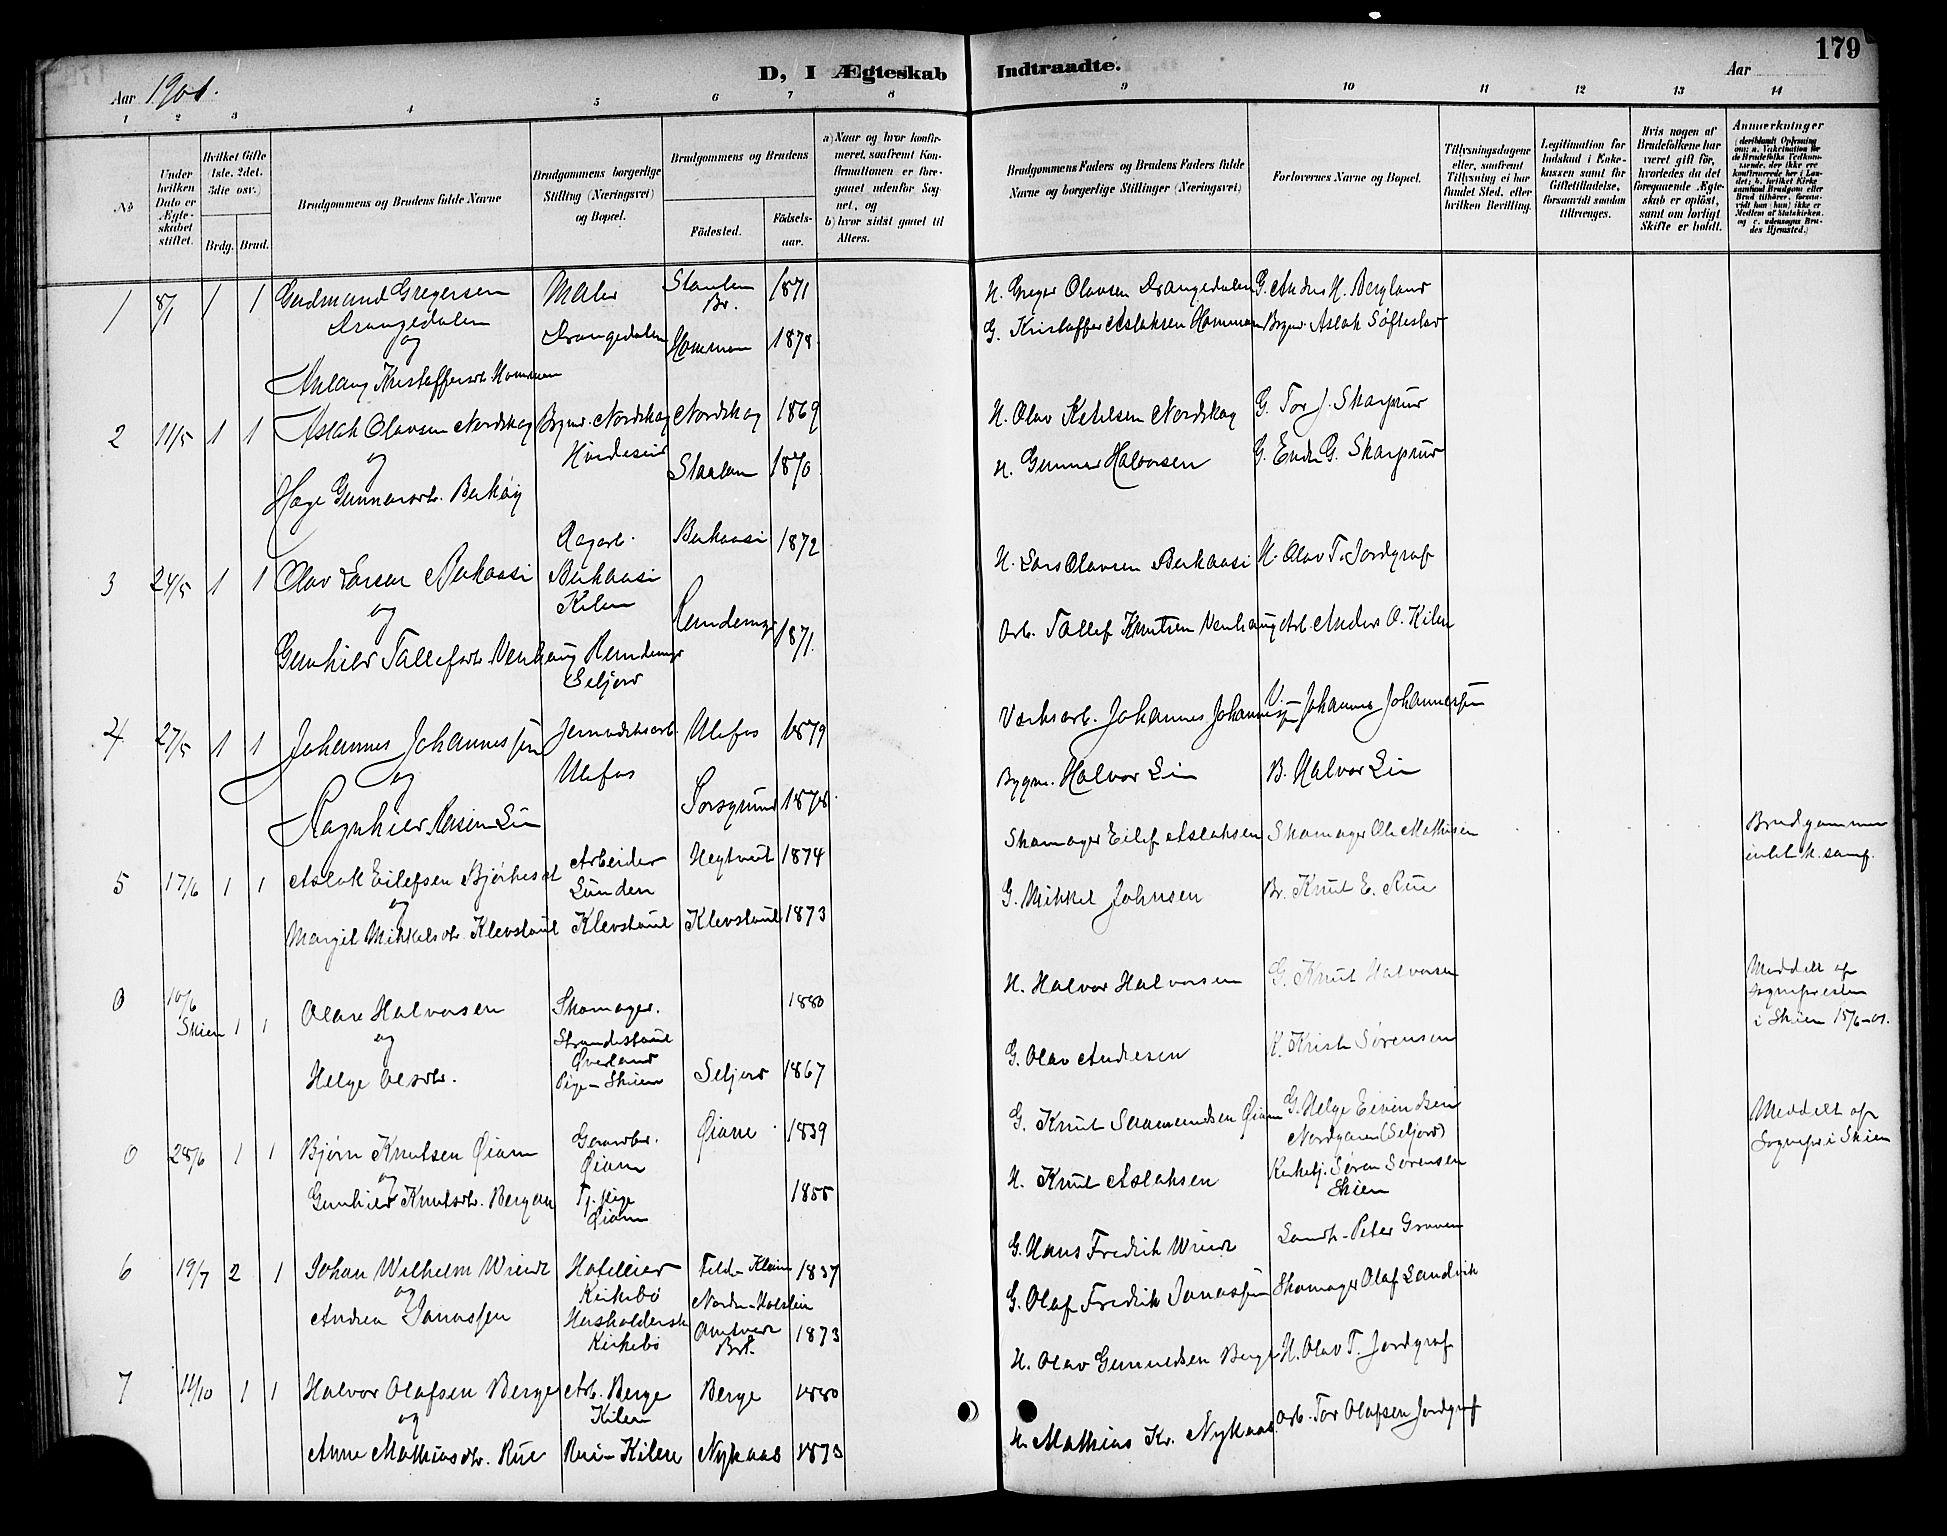 SAKO, Kviteseid kirkebøker, G/Ga/L0002: Klokkerbok nr. I 2, 1893-1918, s. 179